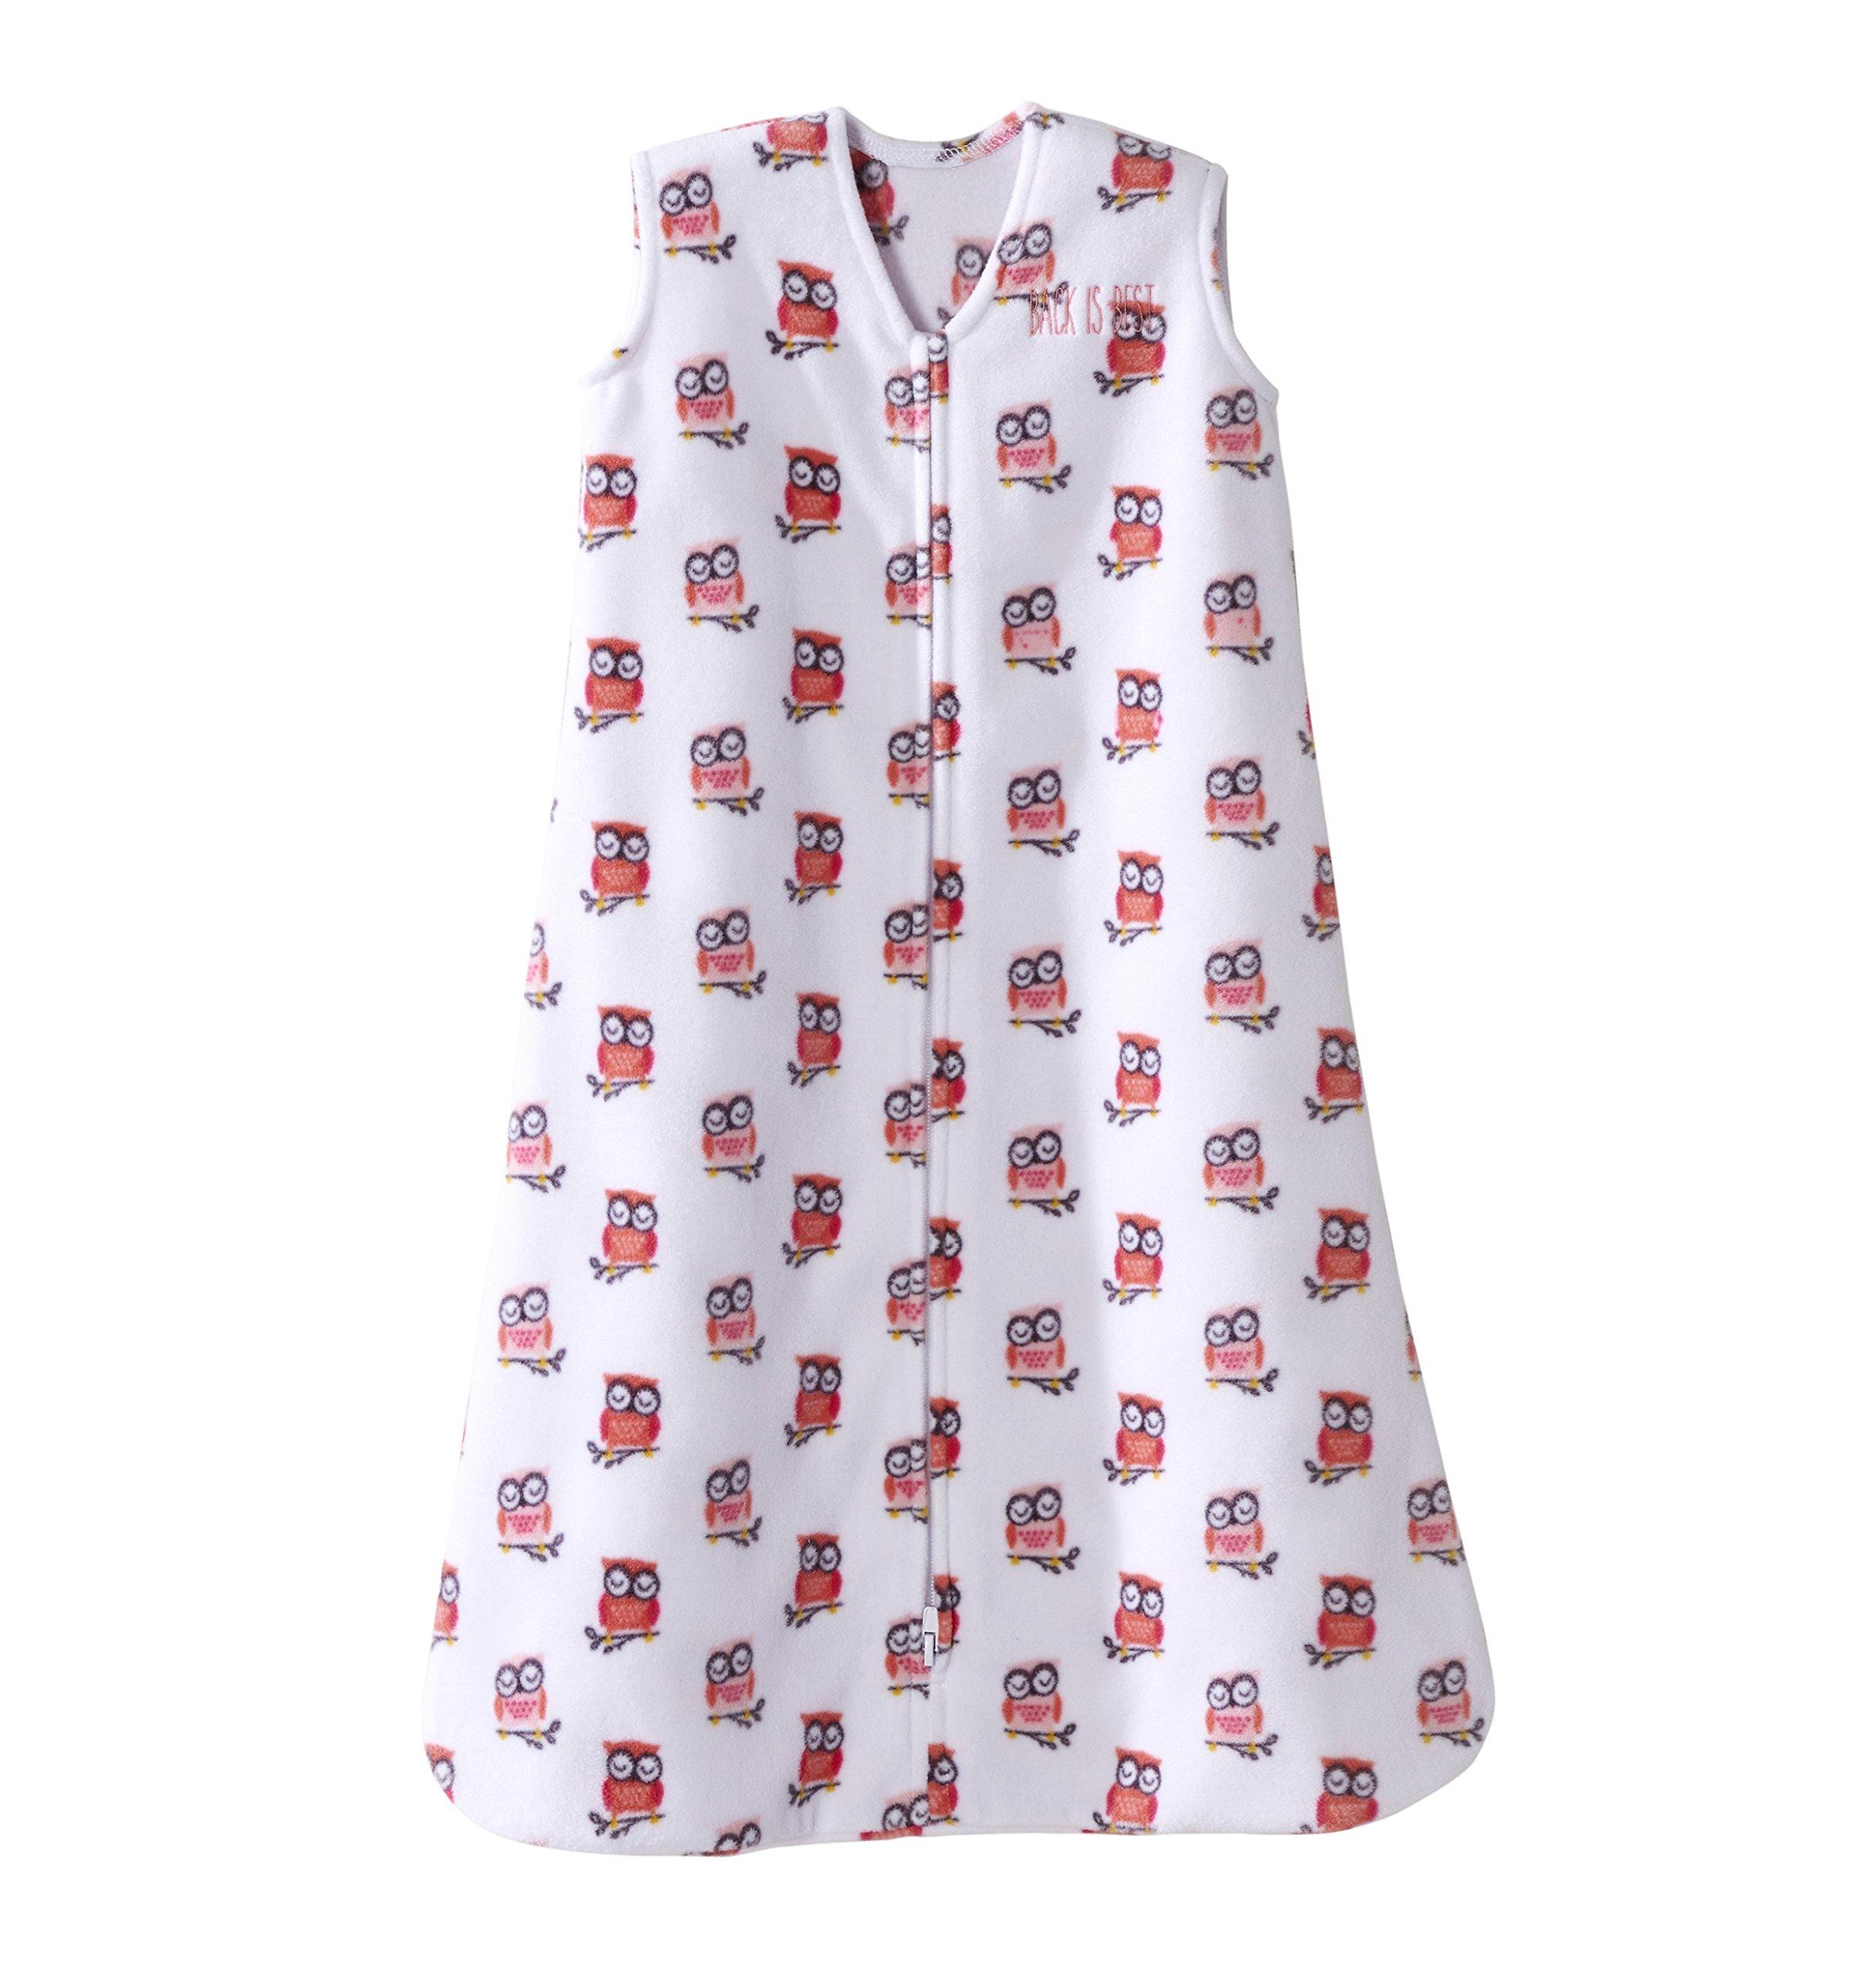 Halo SleepSack Micro-Fleece Wearable Blanket, Pink Owl, Large